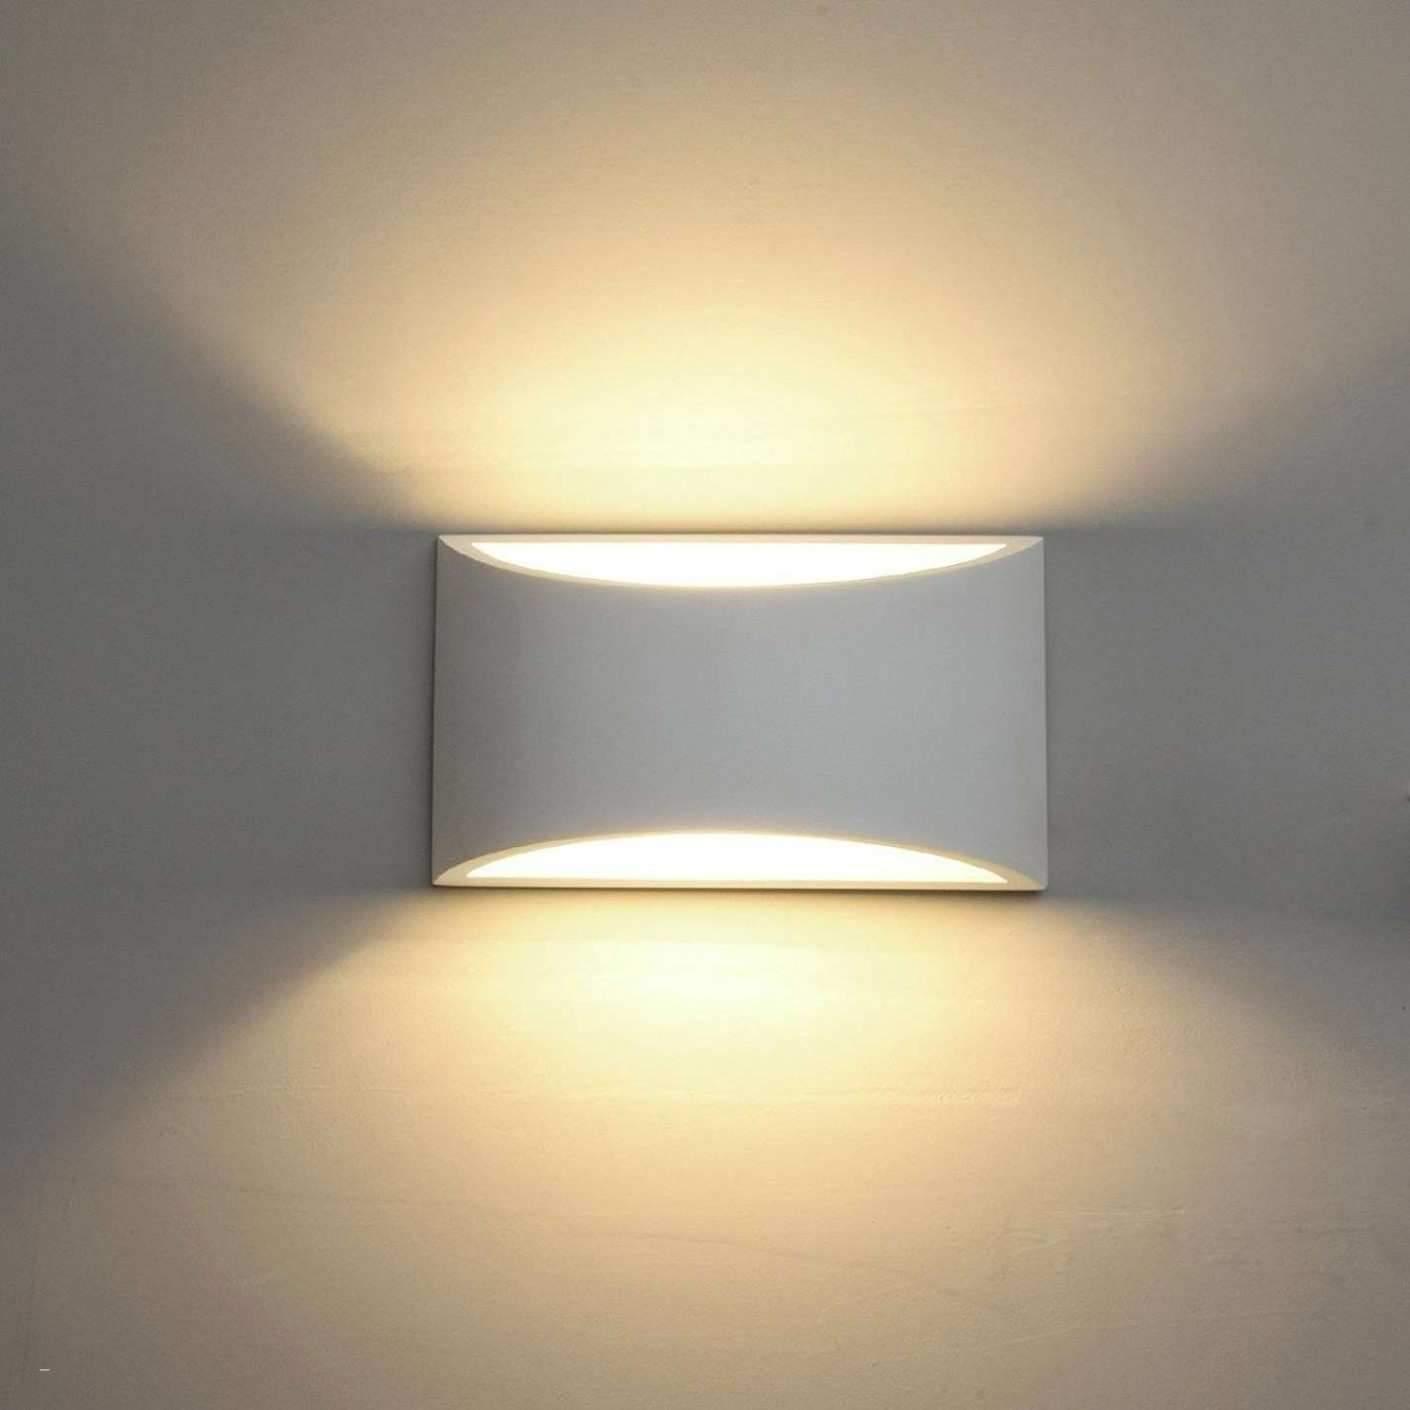 Full Size of Deckenlampe Schlafzimmer Led Deckenleuchte Wohnzimmer Das Beste Von Komplette Deckenlampen Für Teppich Lampe Sessel Komplett Weiß Günstig Deko Stuhl Schlafzimmer Deckenlampe Schlafzimmer